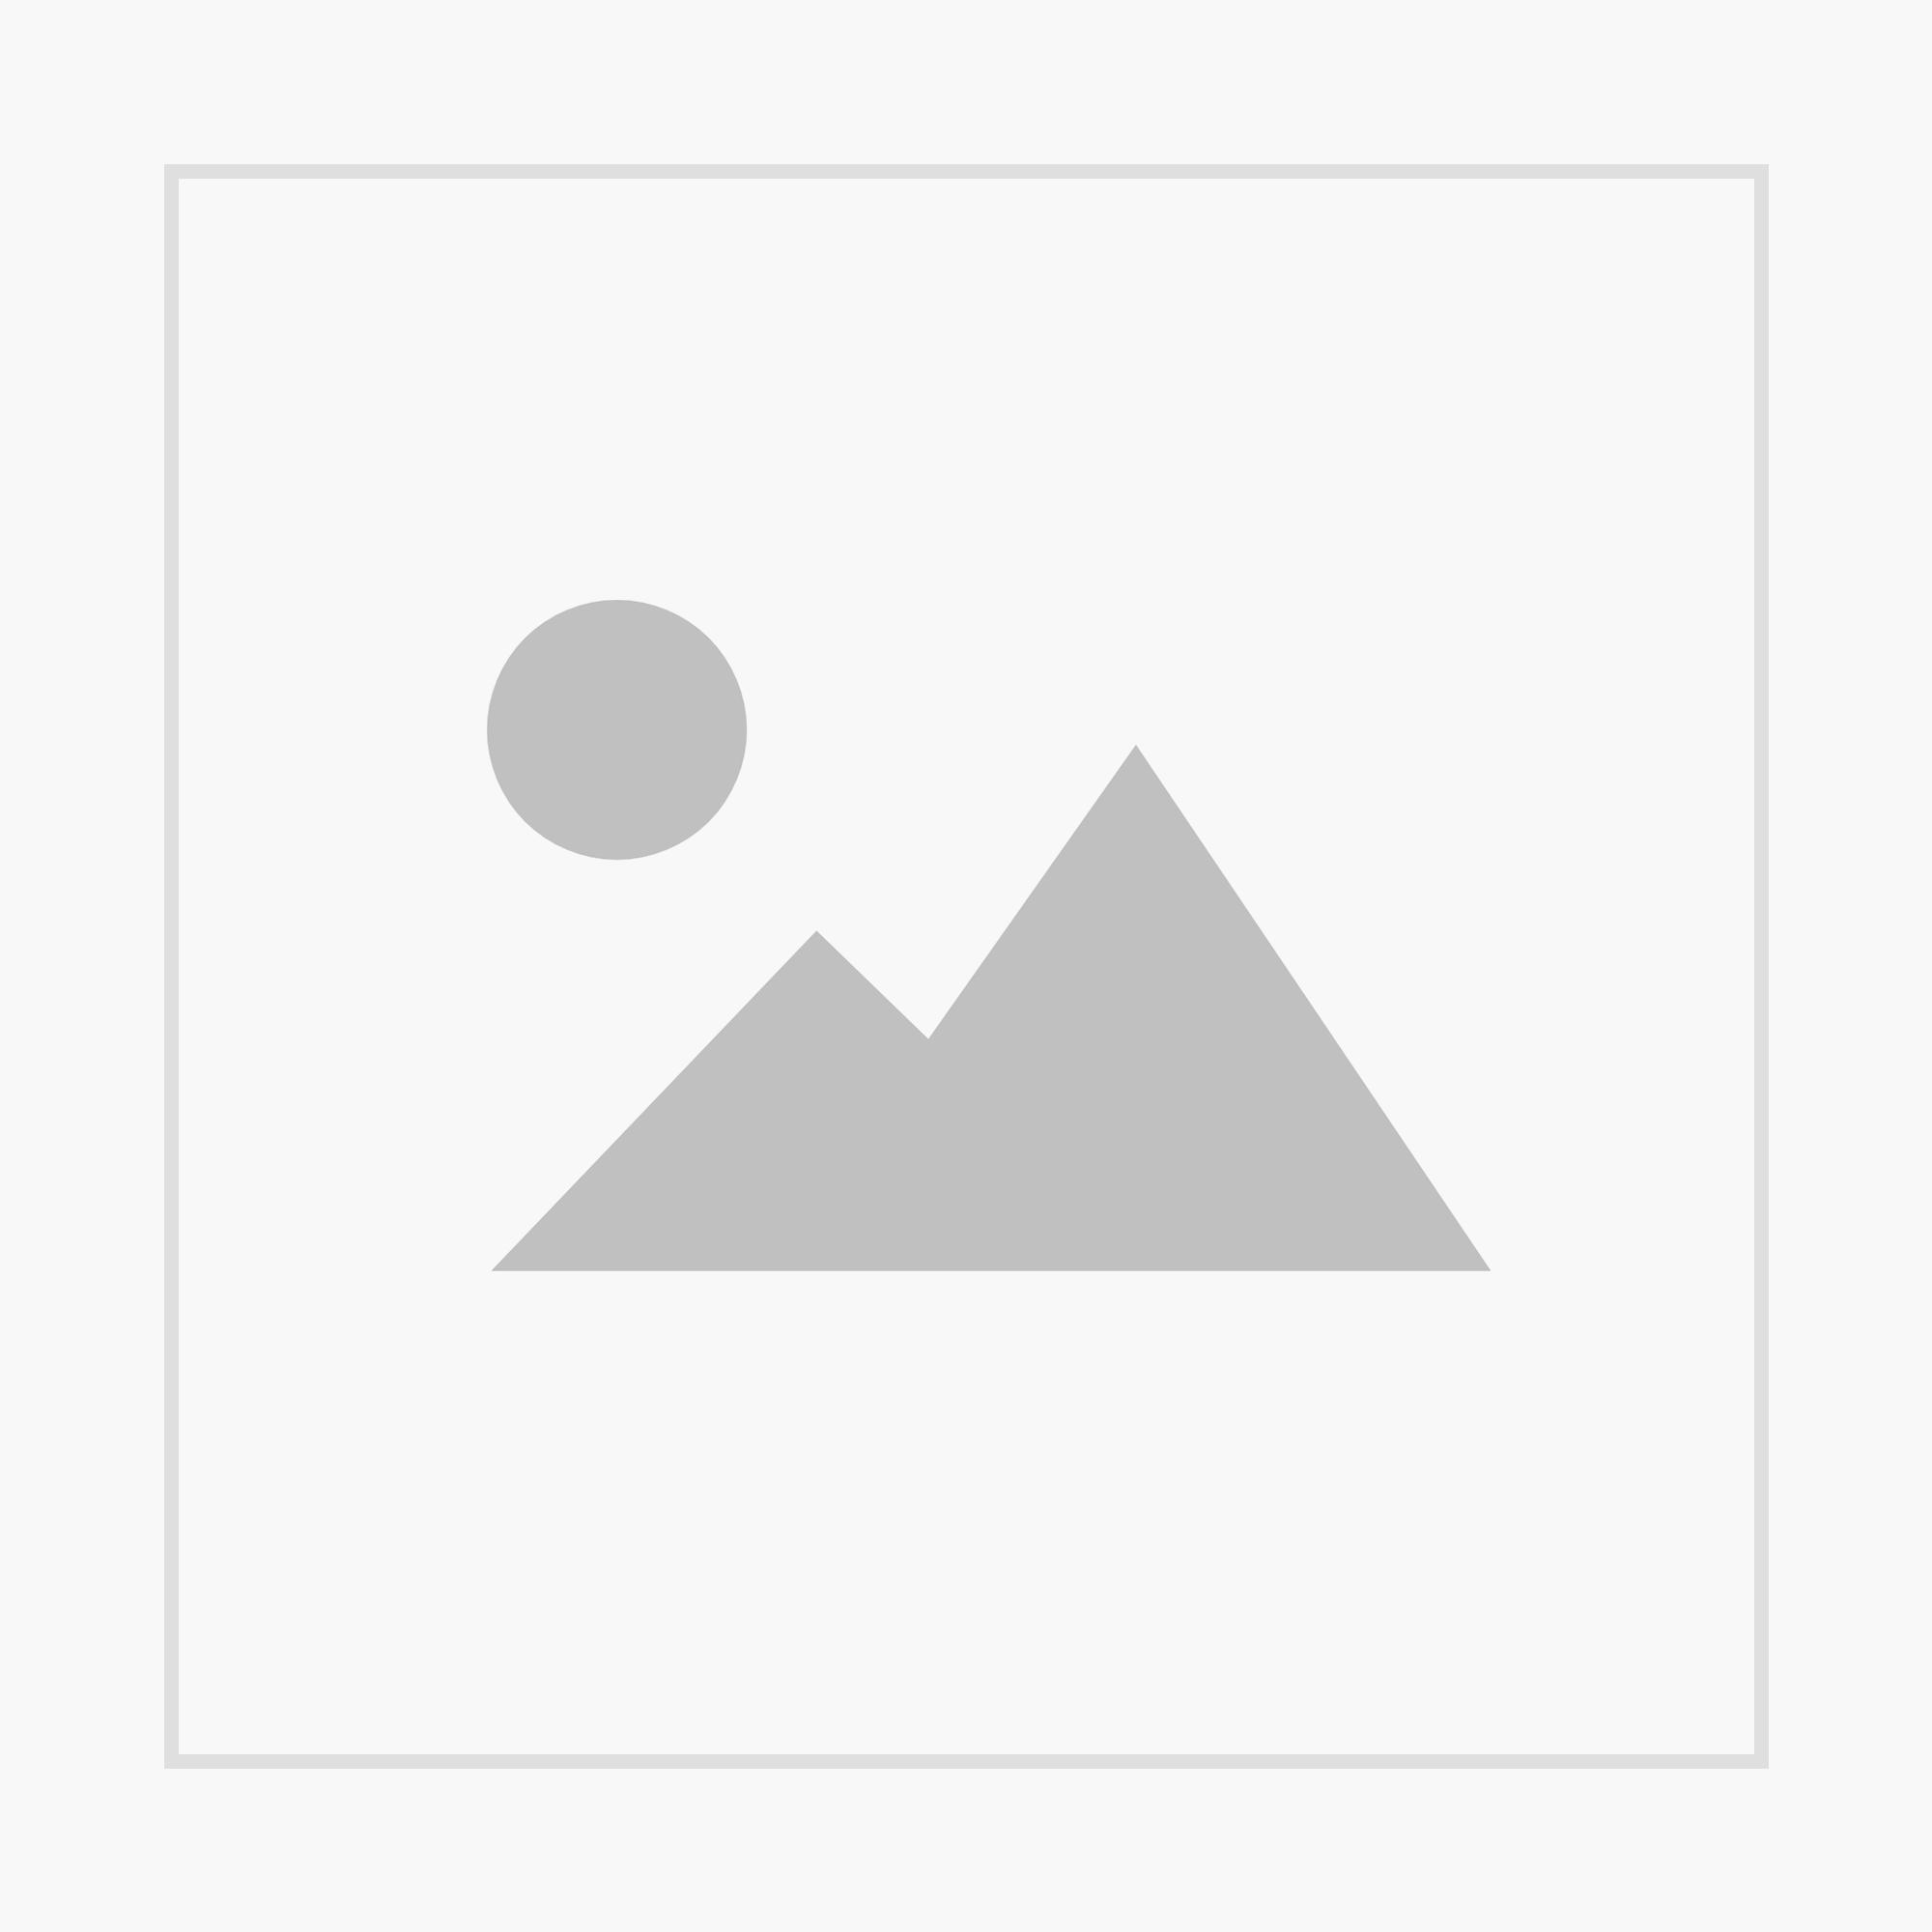 PDF: NaBiV Heft 149: Handlungserfordernisse in der Folge des FFH-Berichtes 2013